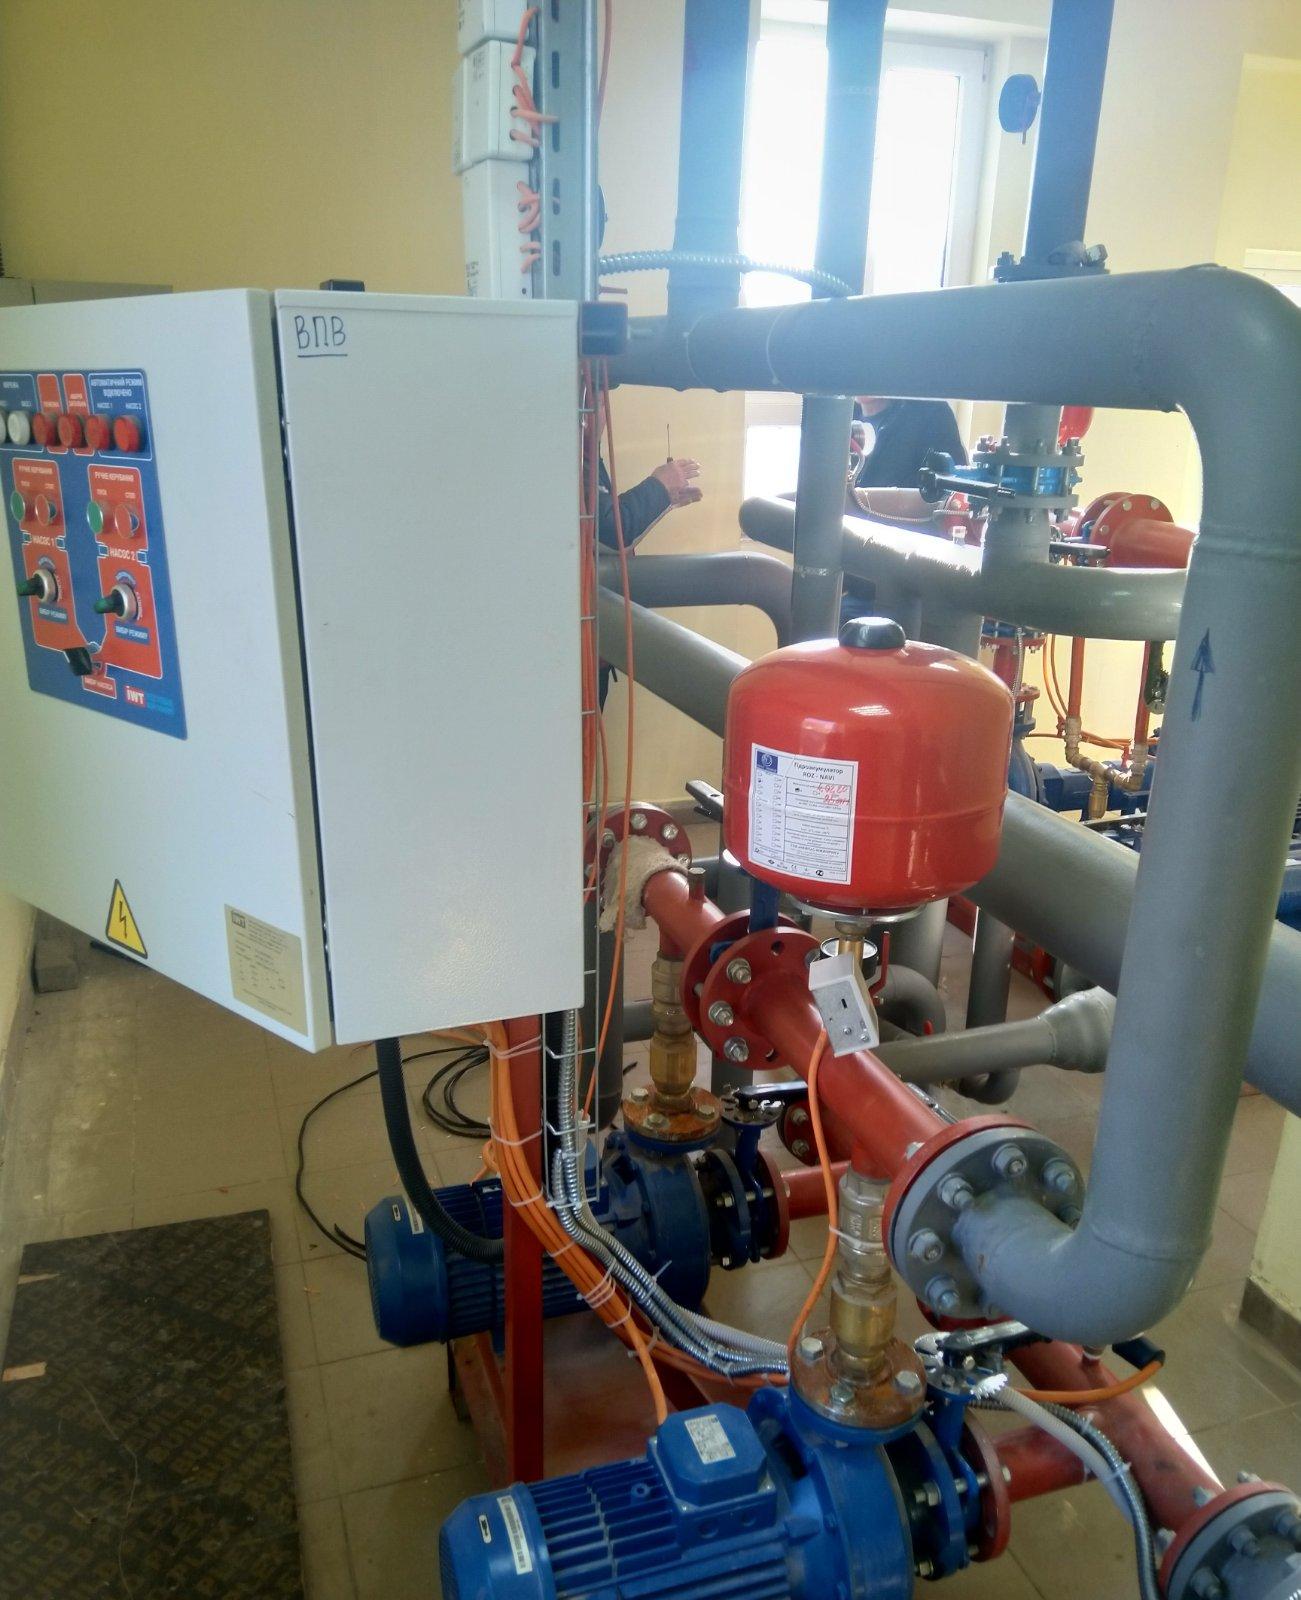 Насосная станция производства IWT для нужд пожаротушения на объекте